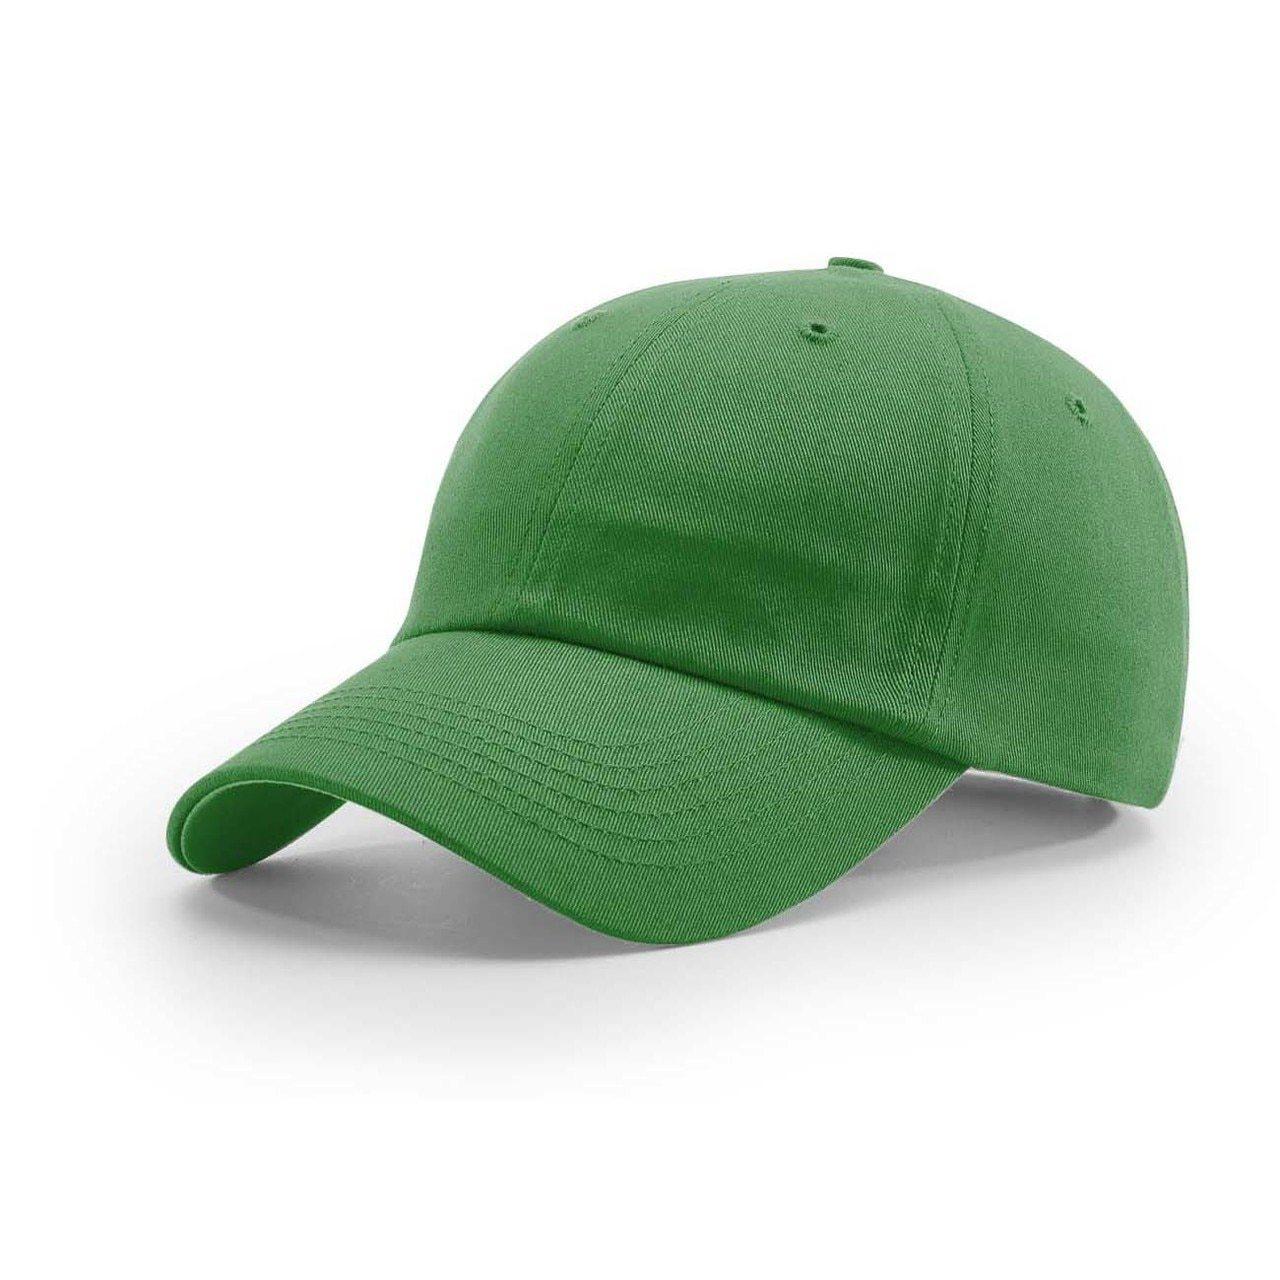 233c0ea7 Wholesale - Richardson - Lifestyle - Page 1 - The Hat Pros